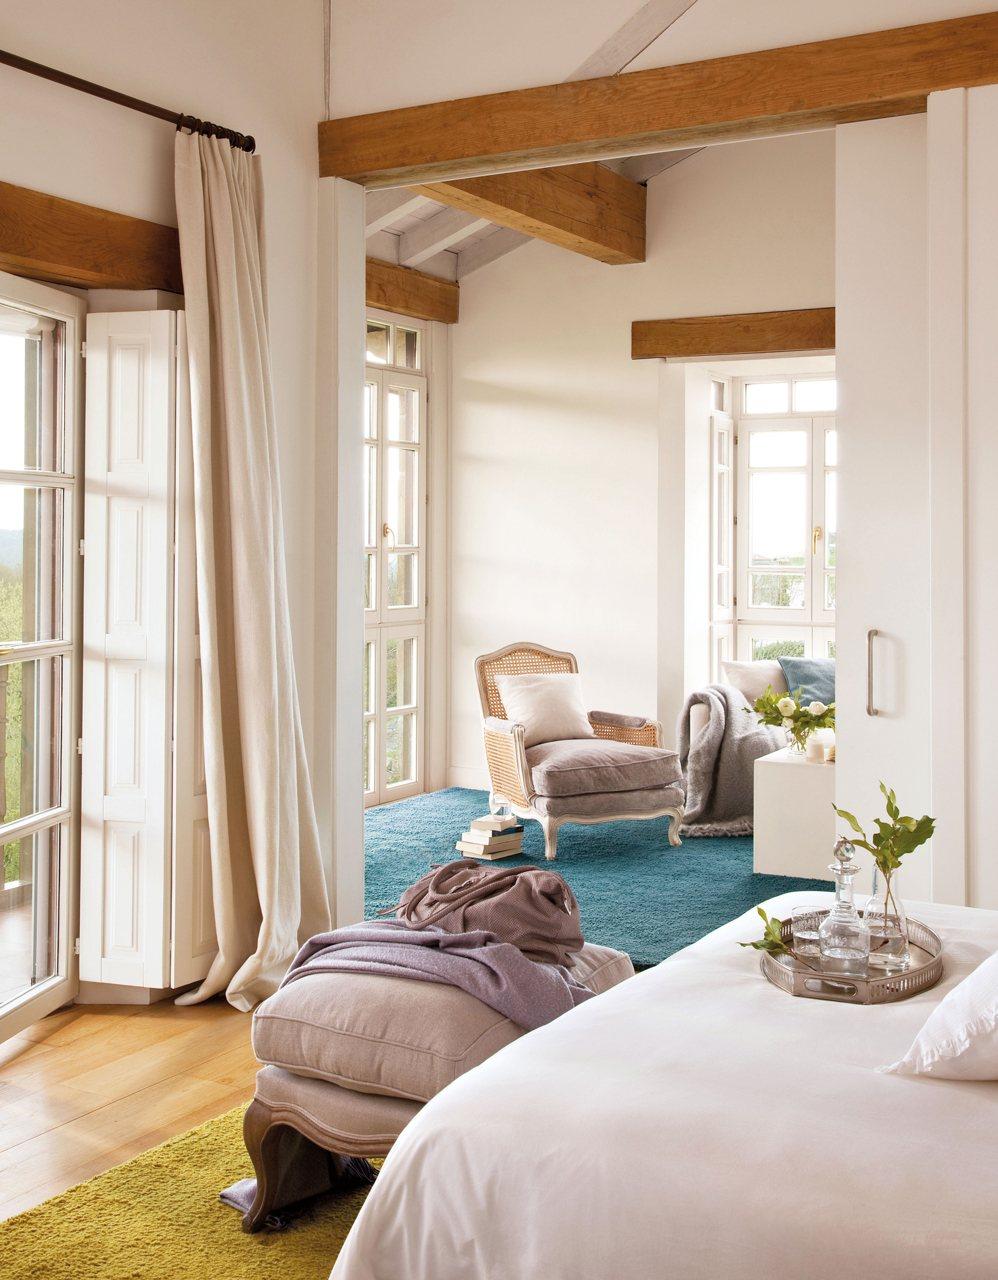 10 ideas para pisos peque os - Ideas pisos pequenos ...